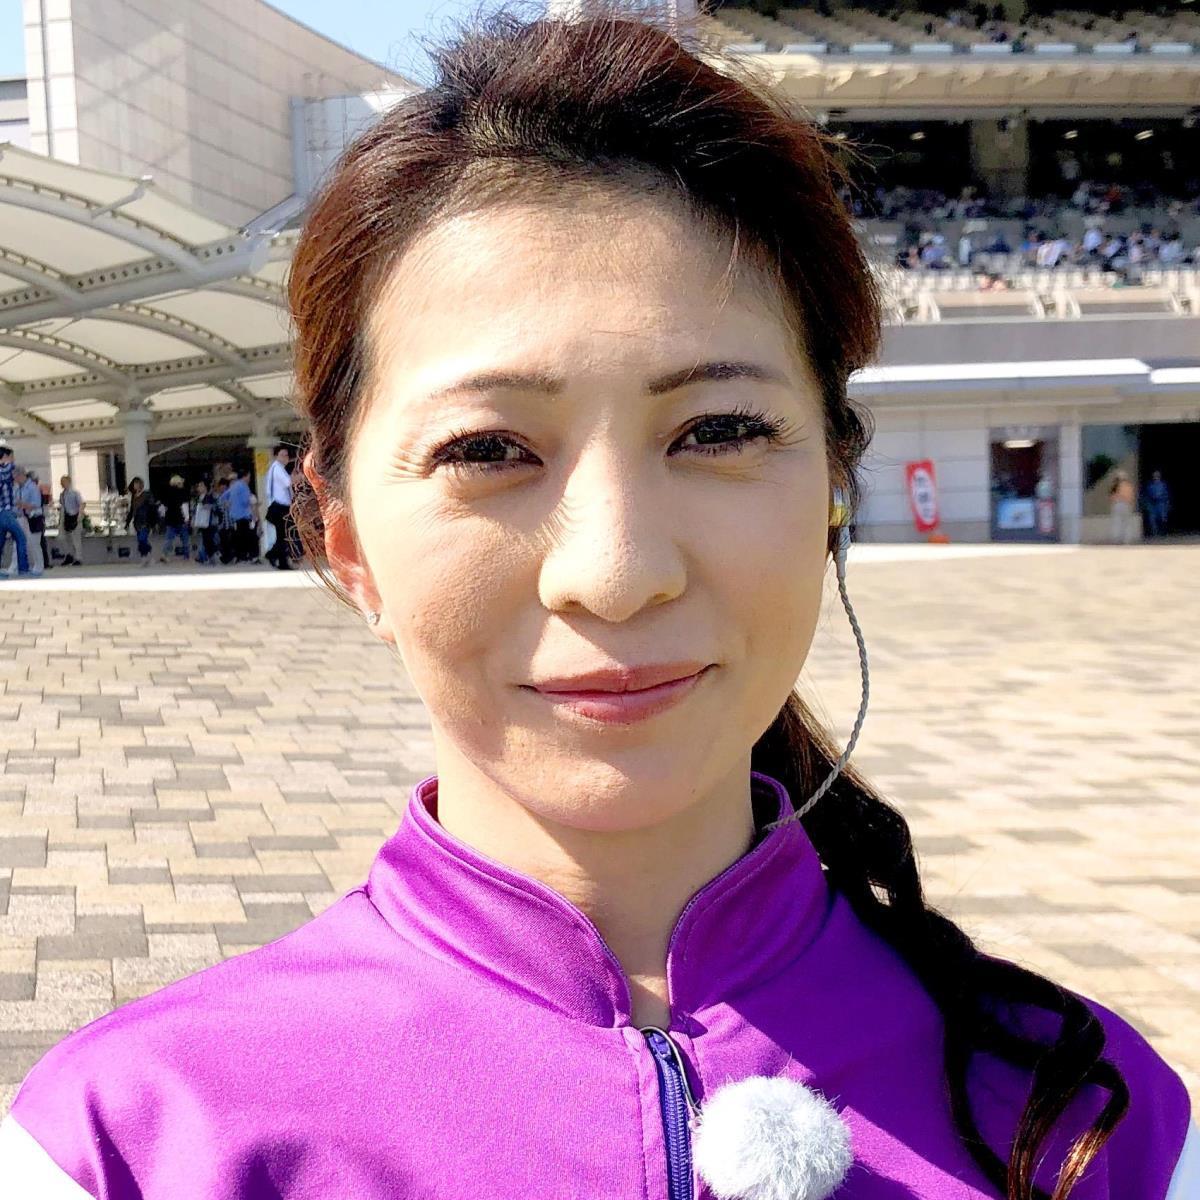 名古屋競馬で宮下瞳騎手が落馬、鼻を開放骨折